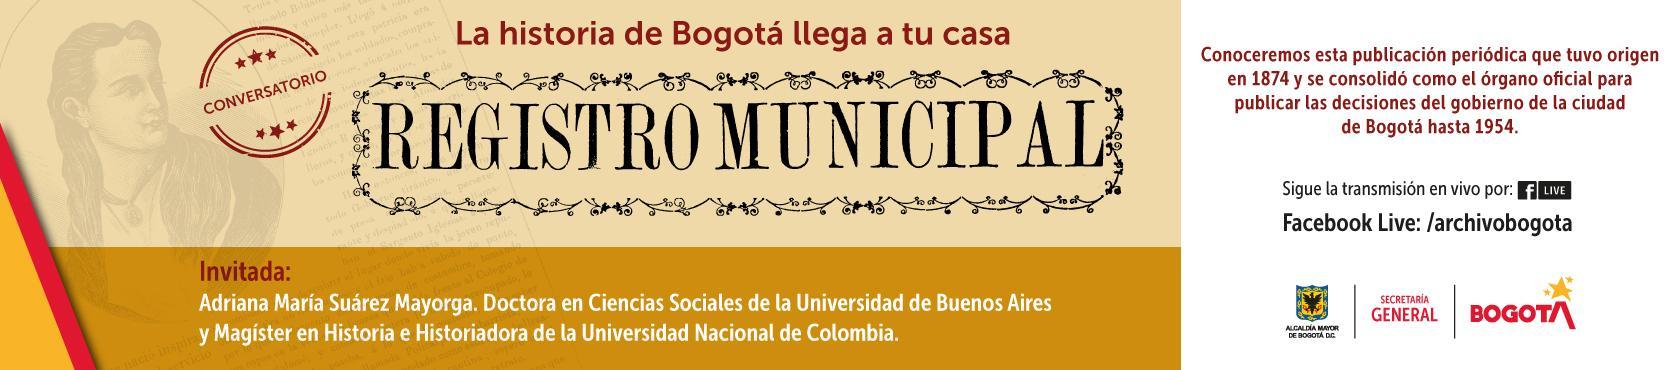 La historia de Bogotá llega a tu casa